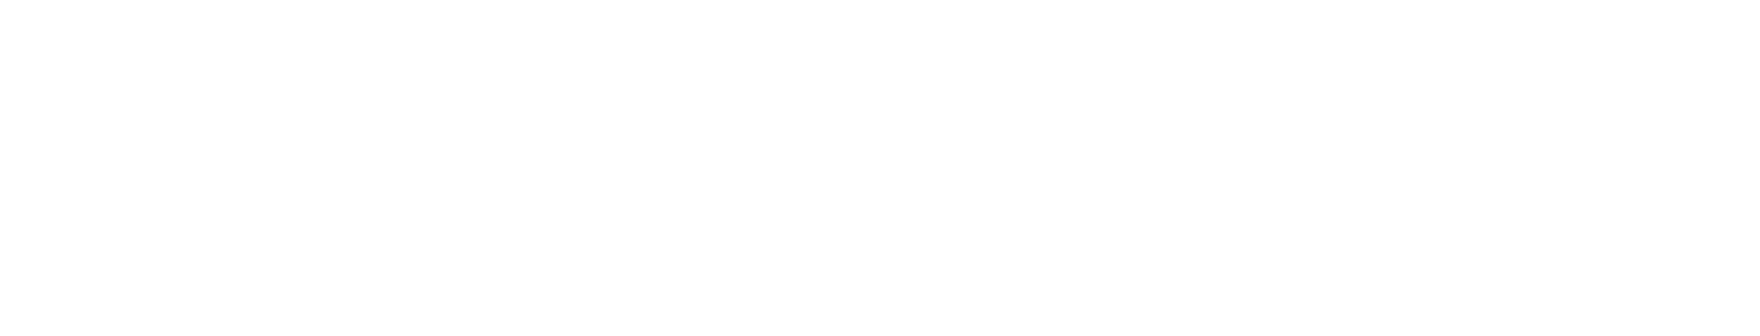 Widemuzik - Escola de DJ's e Produção Musical